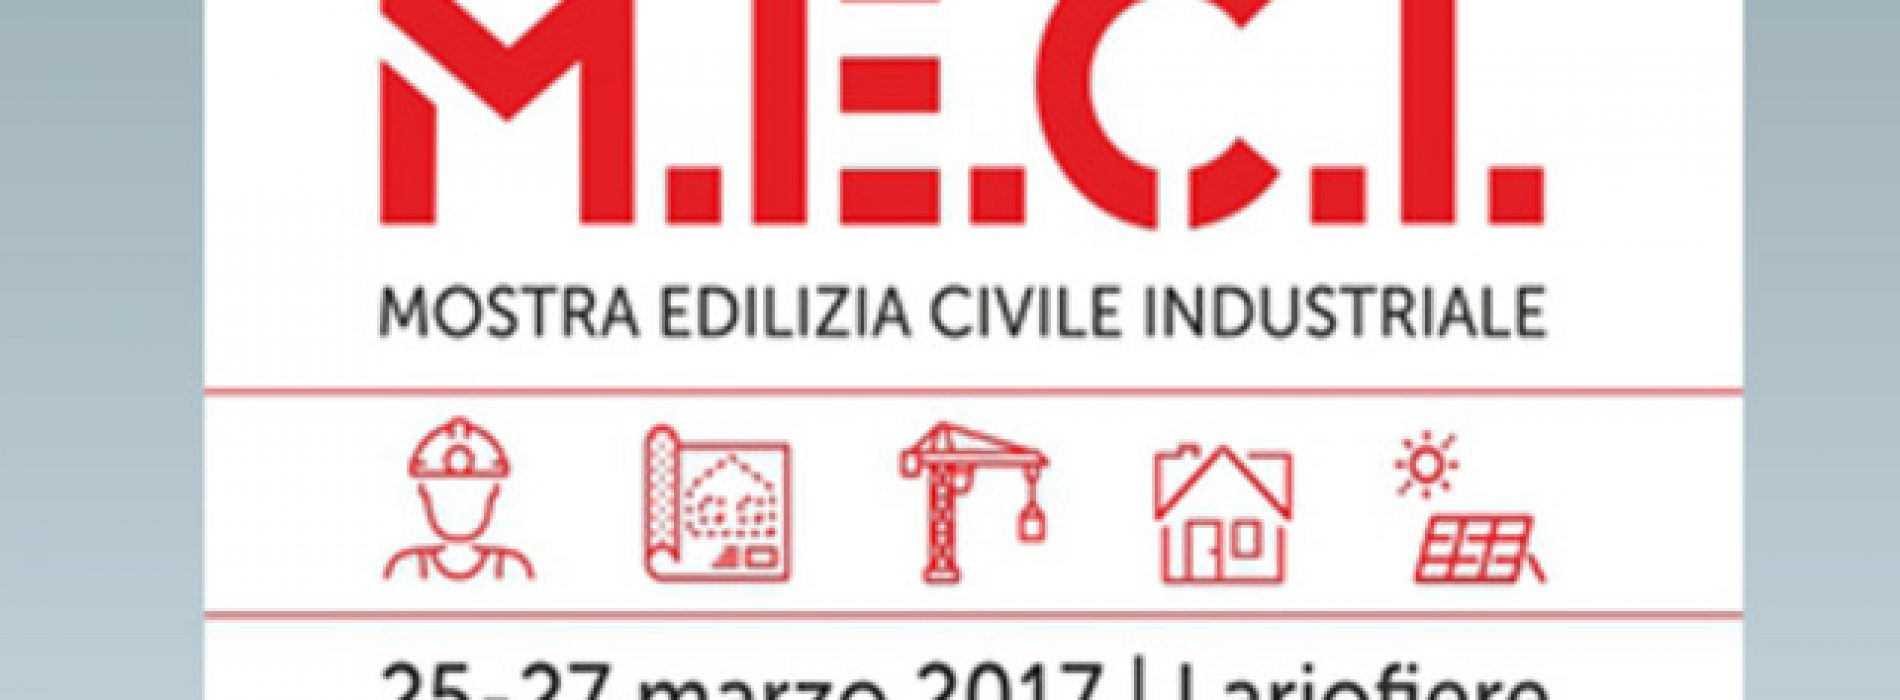 Meci la fiera dell'Edilizia civile e industriale